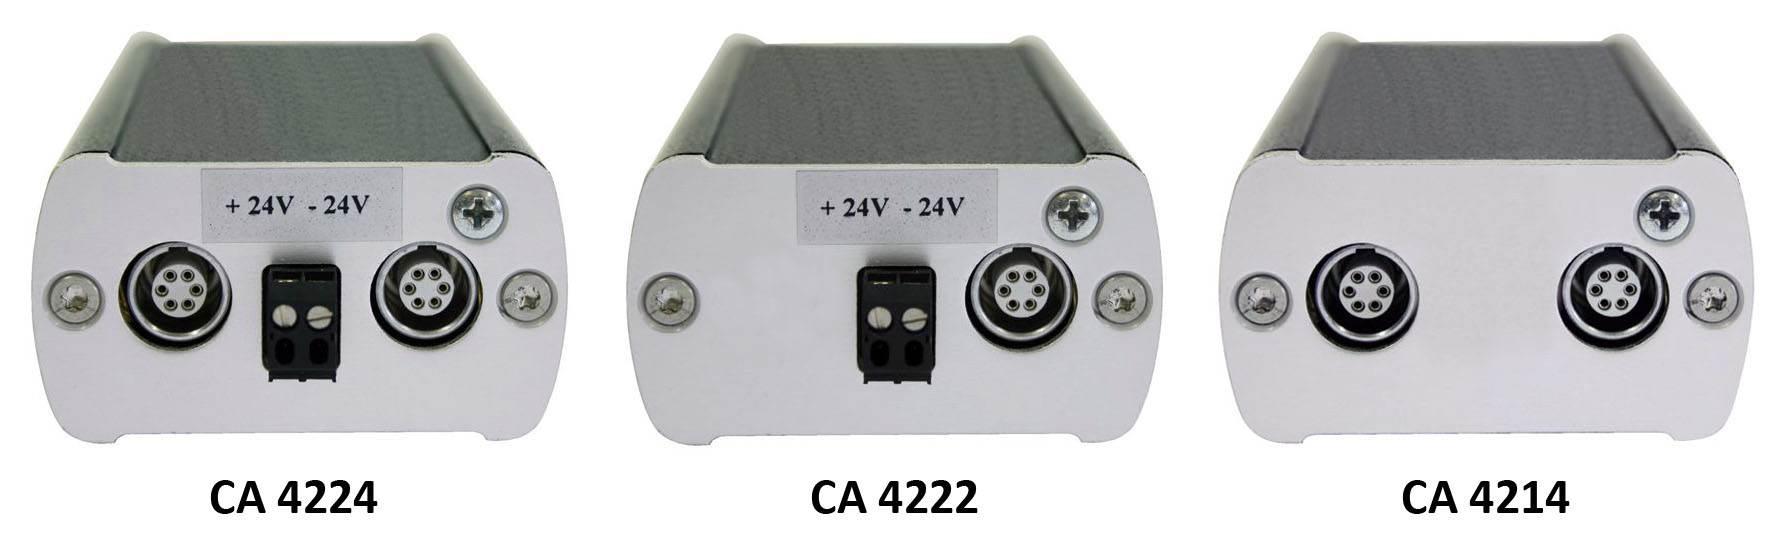 منبع تغذیه جانبی سیستم کنفرانس دیجیتال محصول کمپانی Beyerdynamic ( بیرداینامیک ) مدل MCS-D CA 4224 , 4222 , 4214